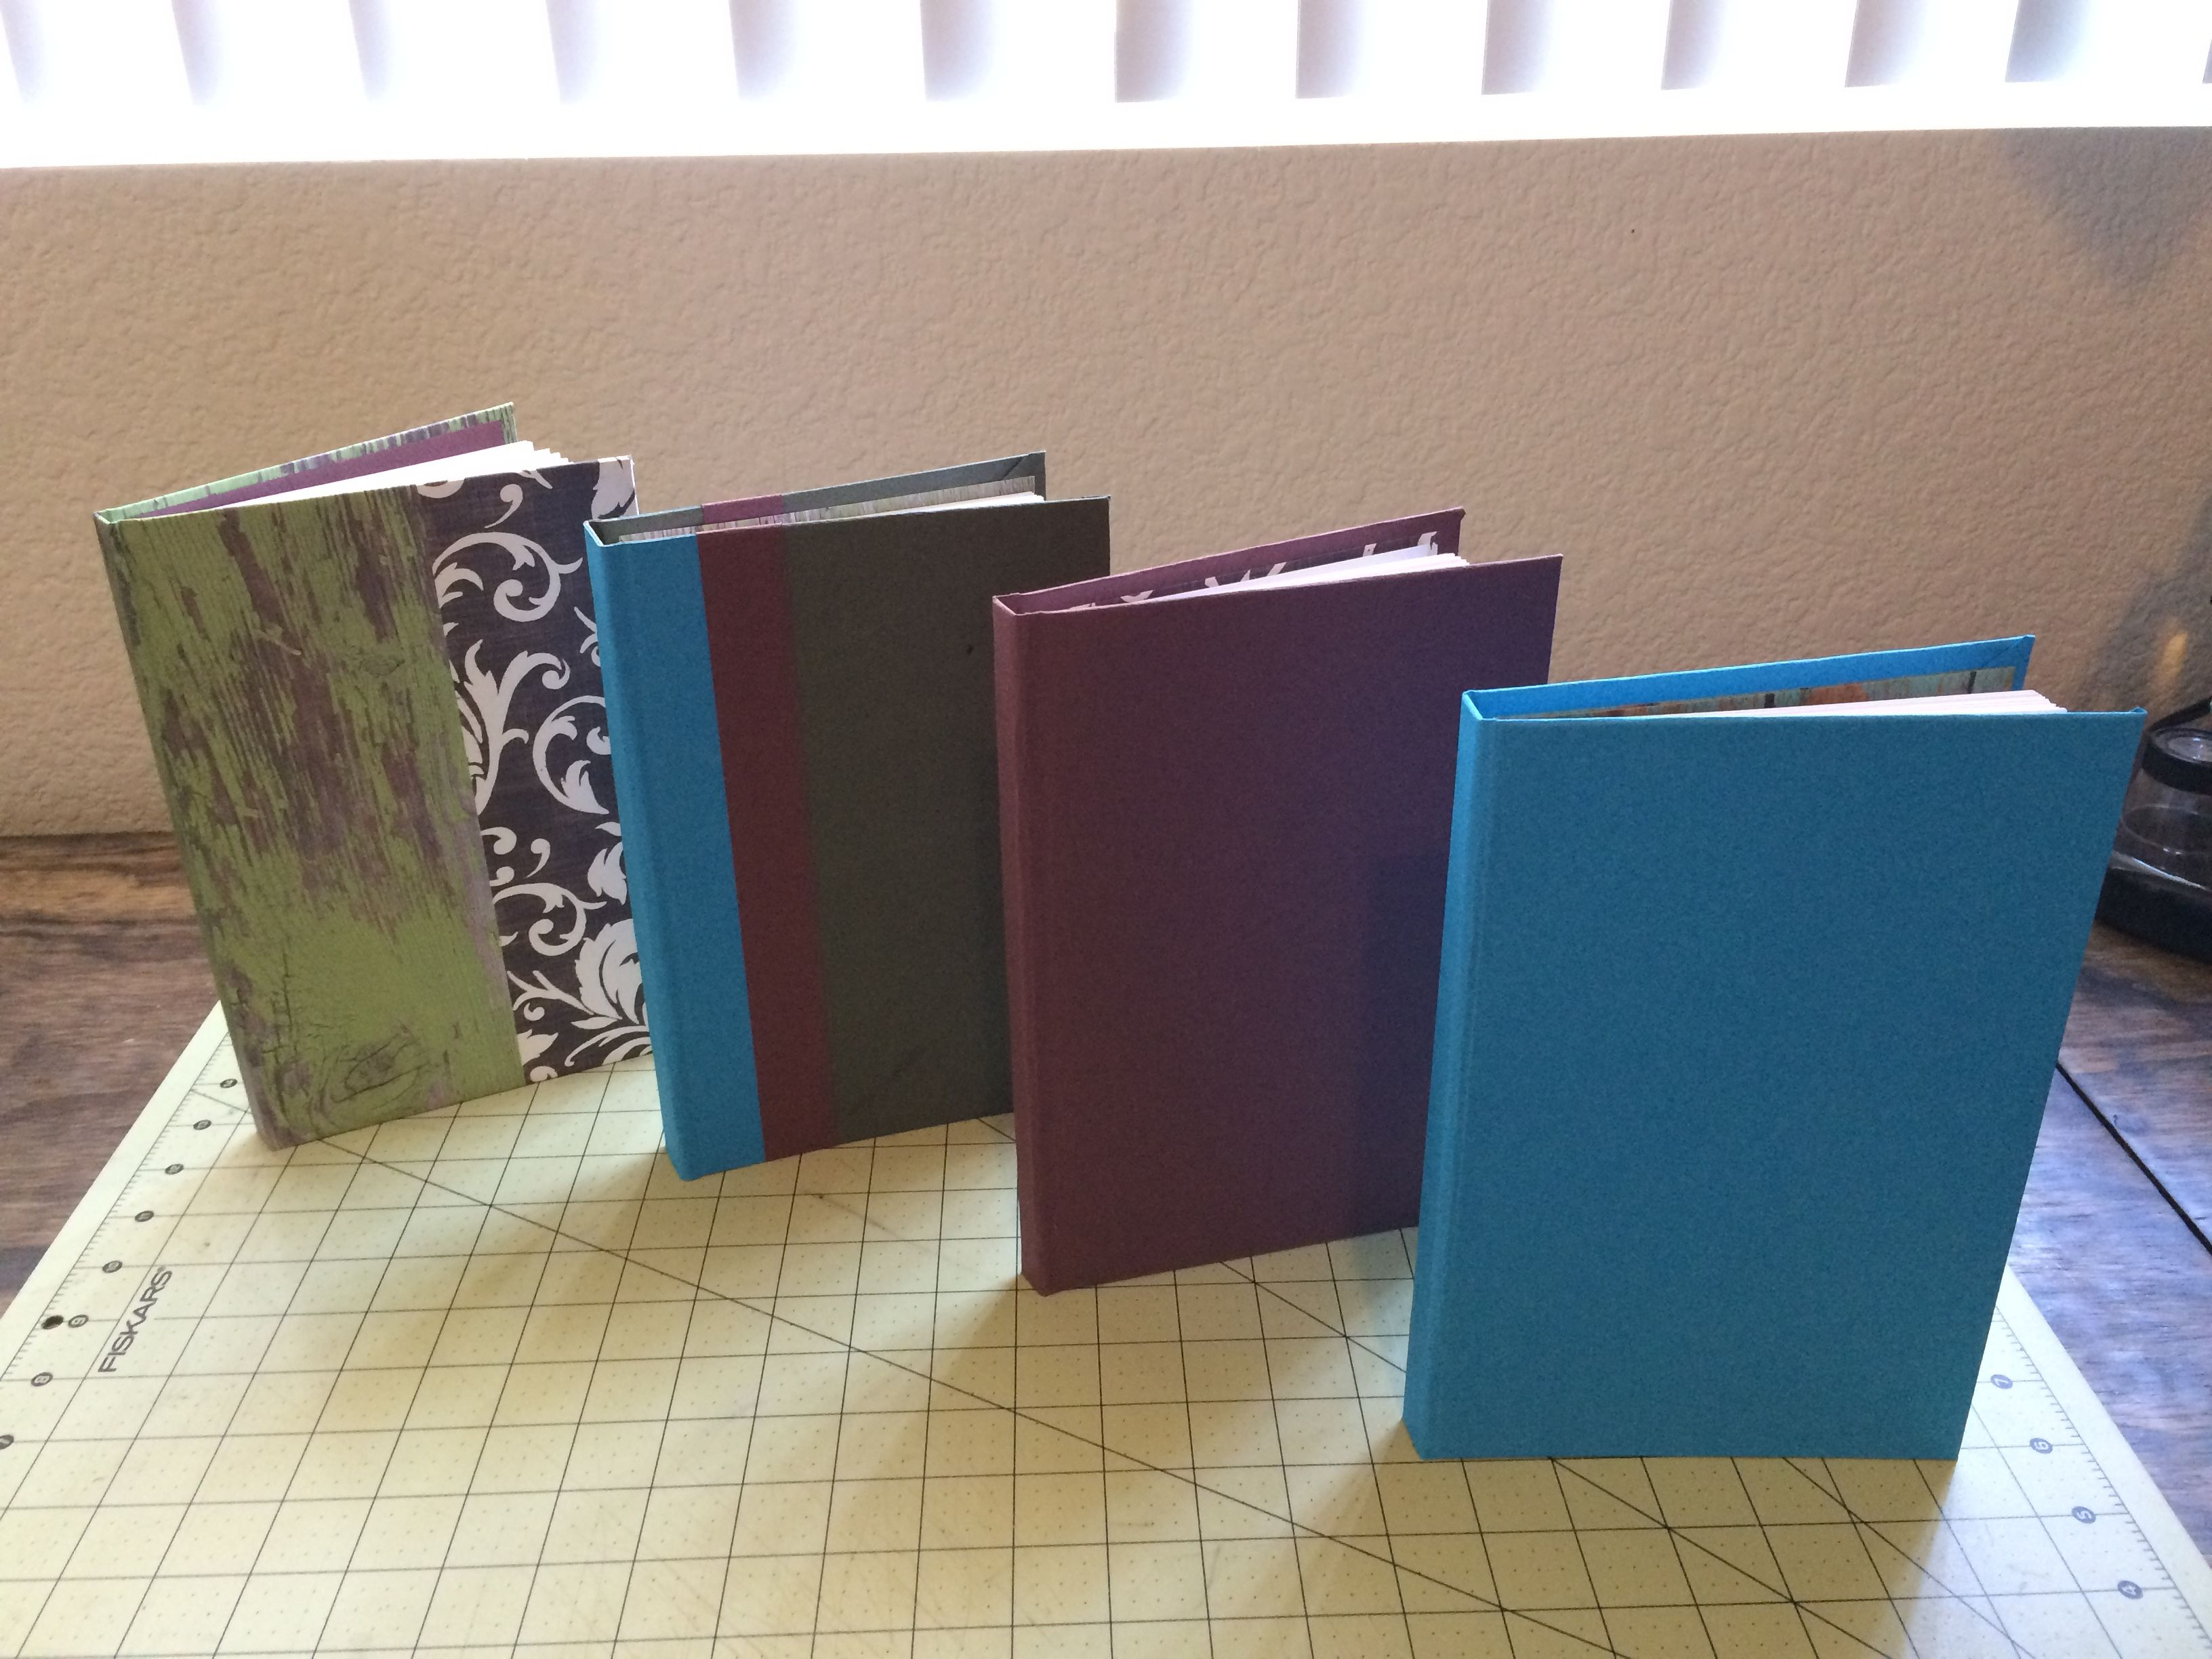 DIY Book Binding Book binding diy, Diy book, Book binding